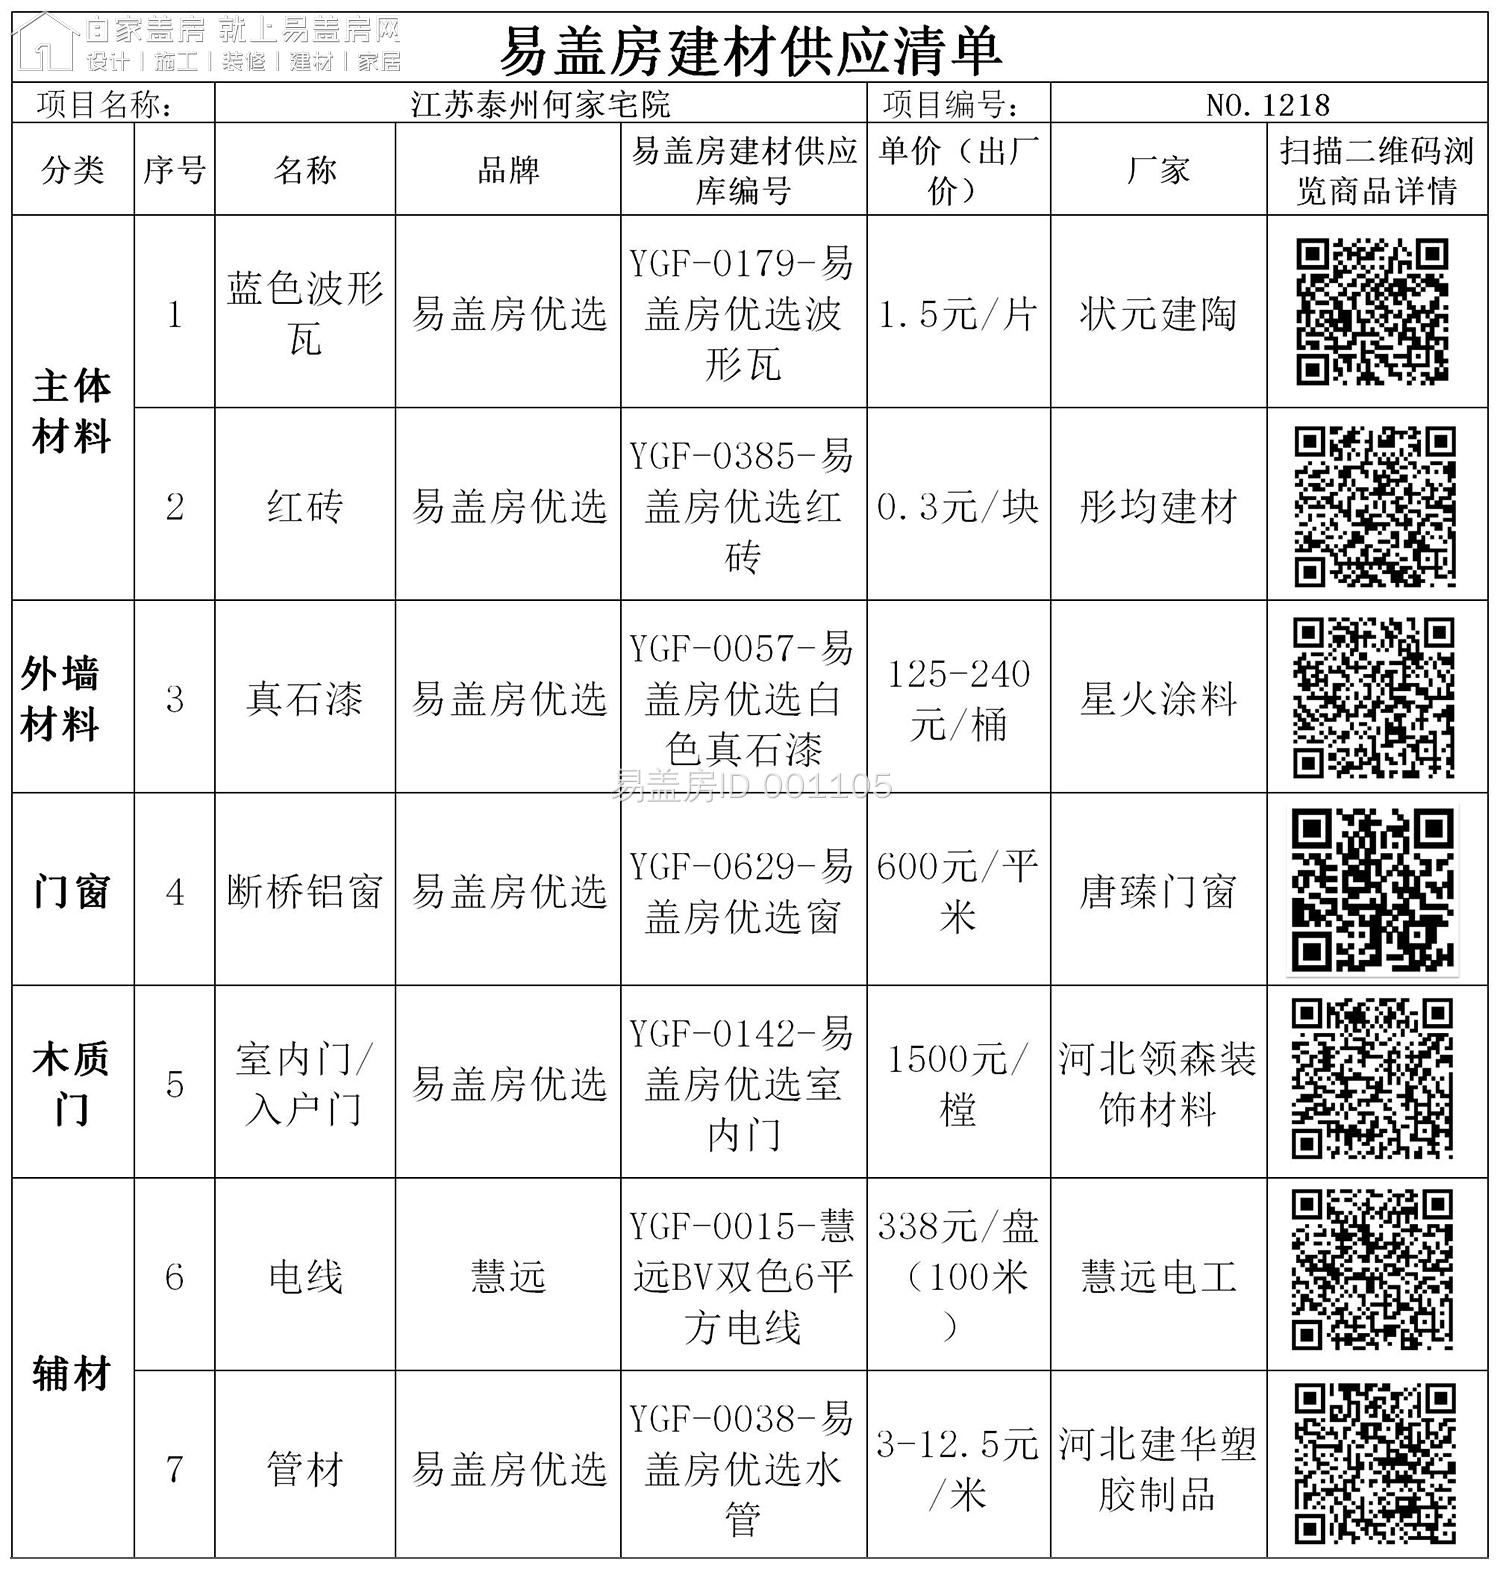 易盖房建材供应清单- 江苏泰兴何先生.jpg